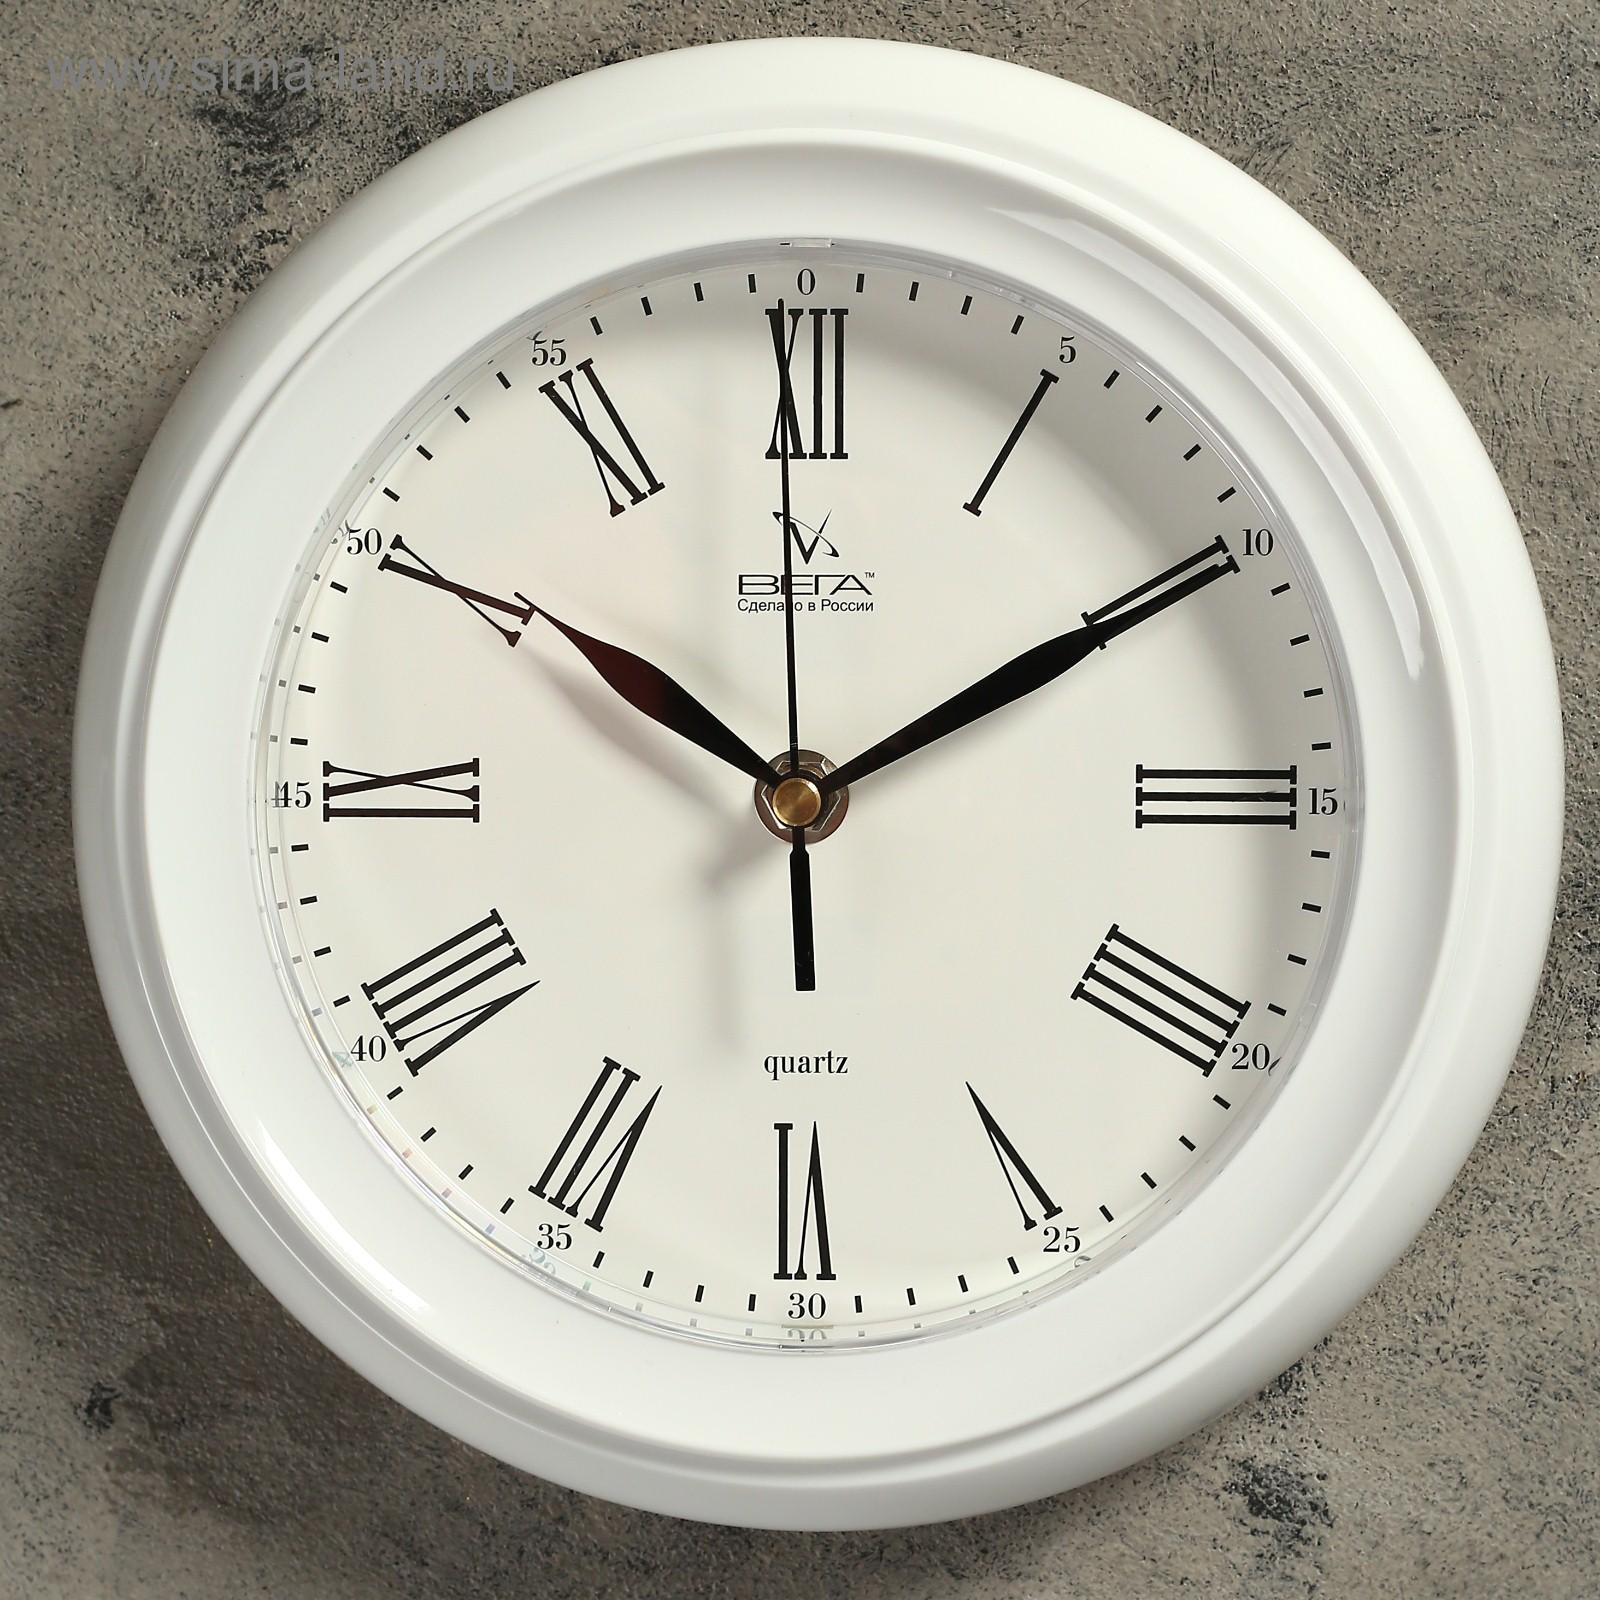 Купить круглые часы купить часы для фитнеса